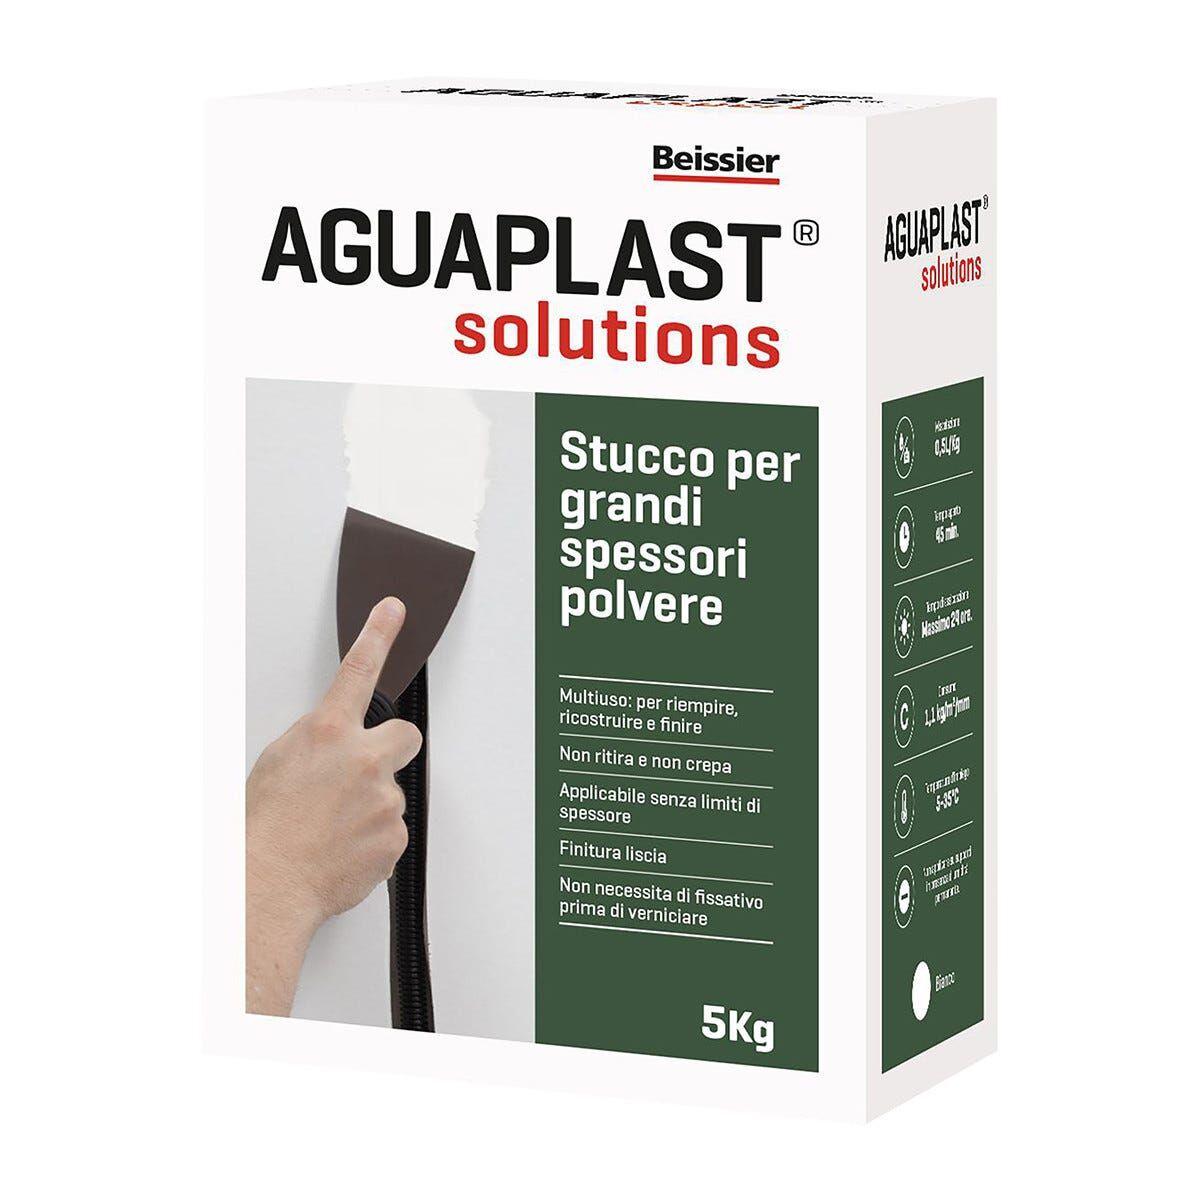 AGUAPLAST Stucco Grandi Spessori Polvere  Bianco 5 Kg Spessori Fino A 100 Mm Per Interno